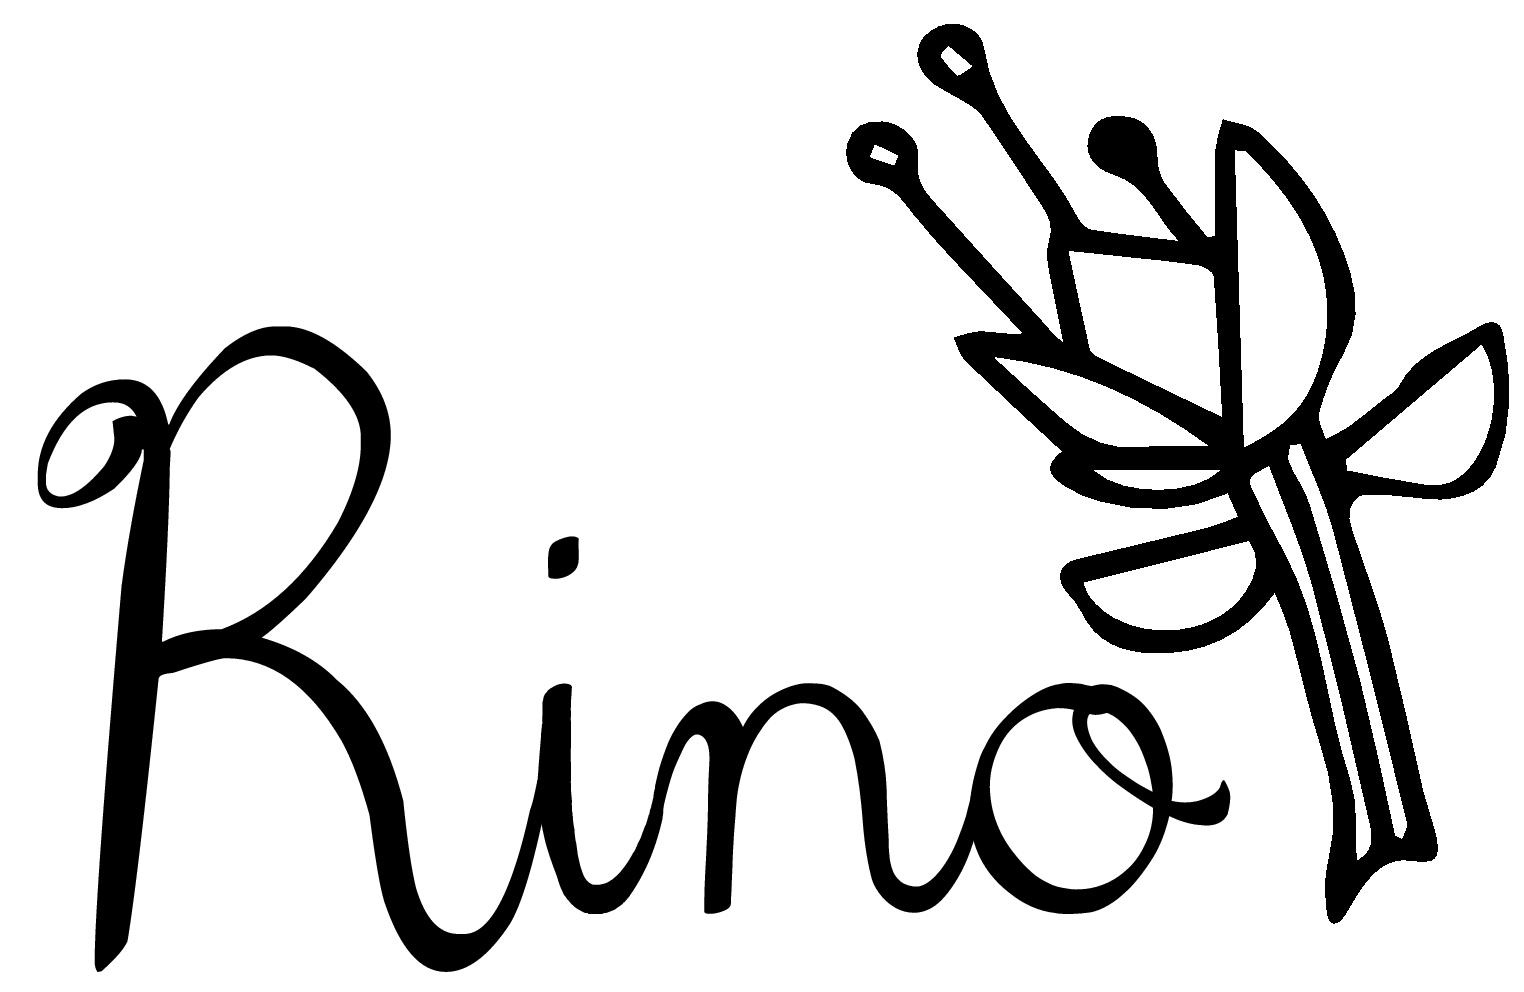 Rino - Färgglada klänningar